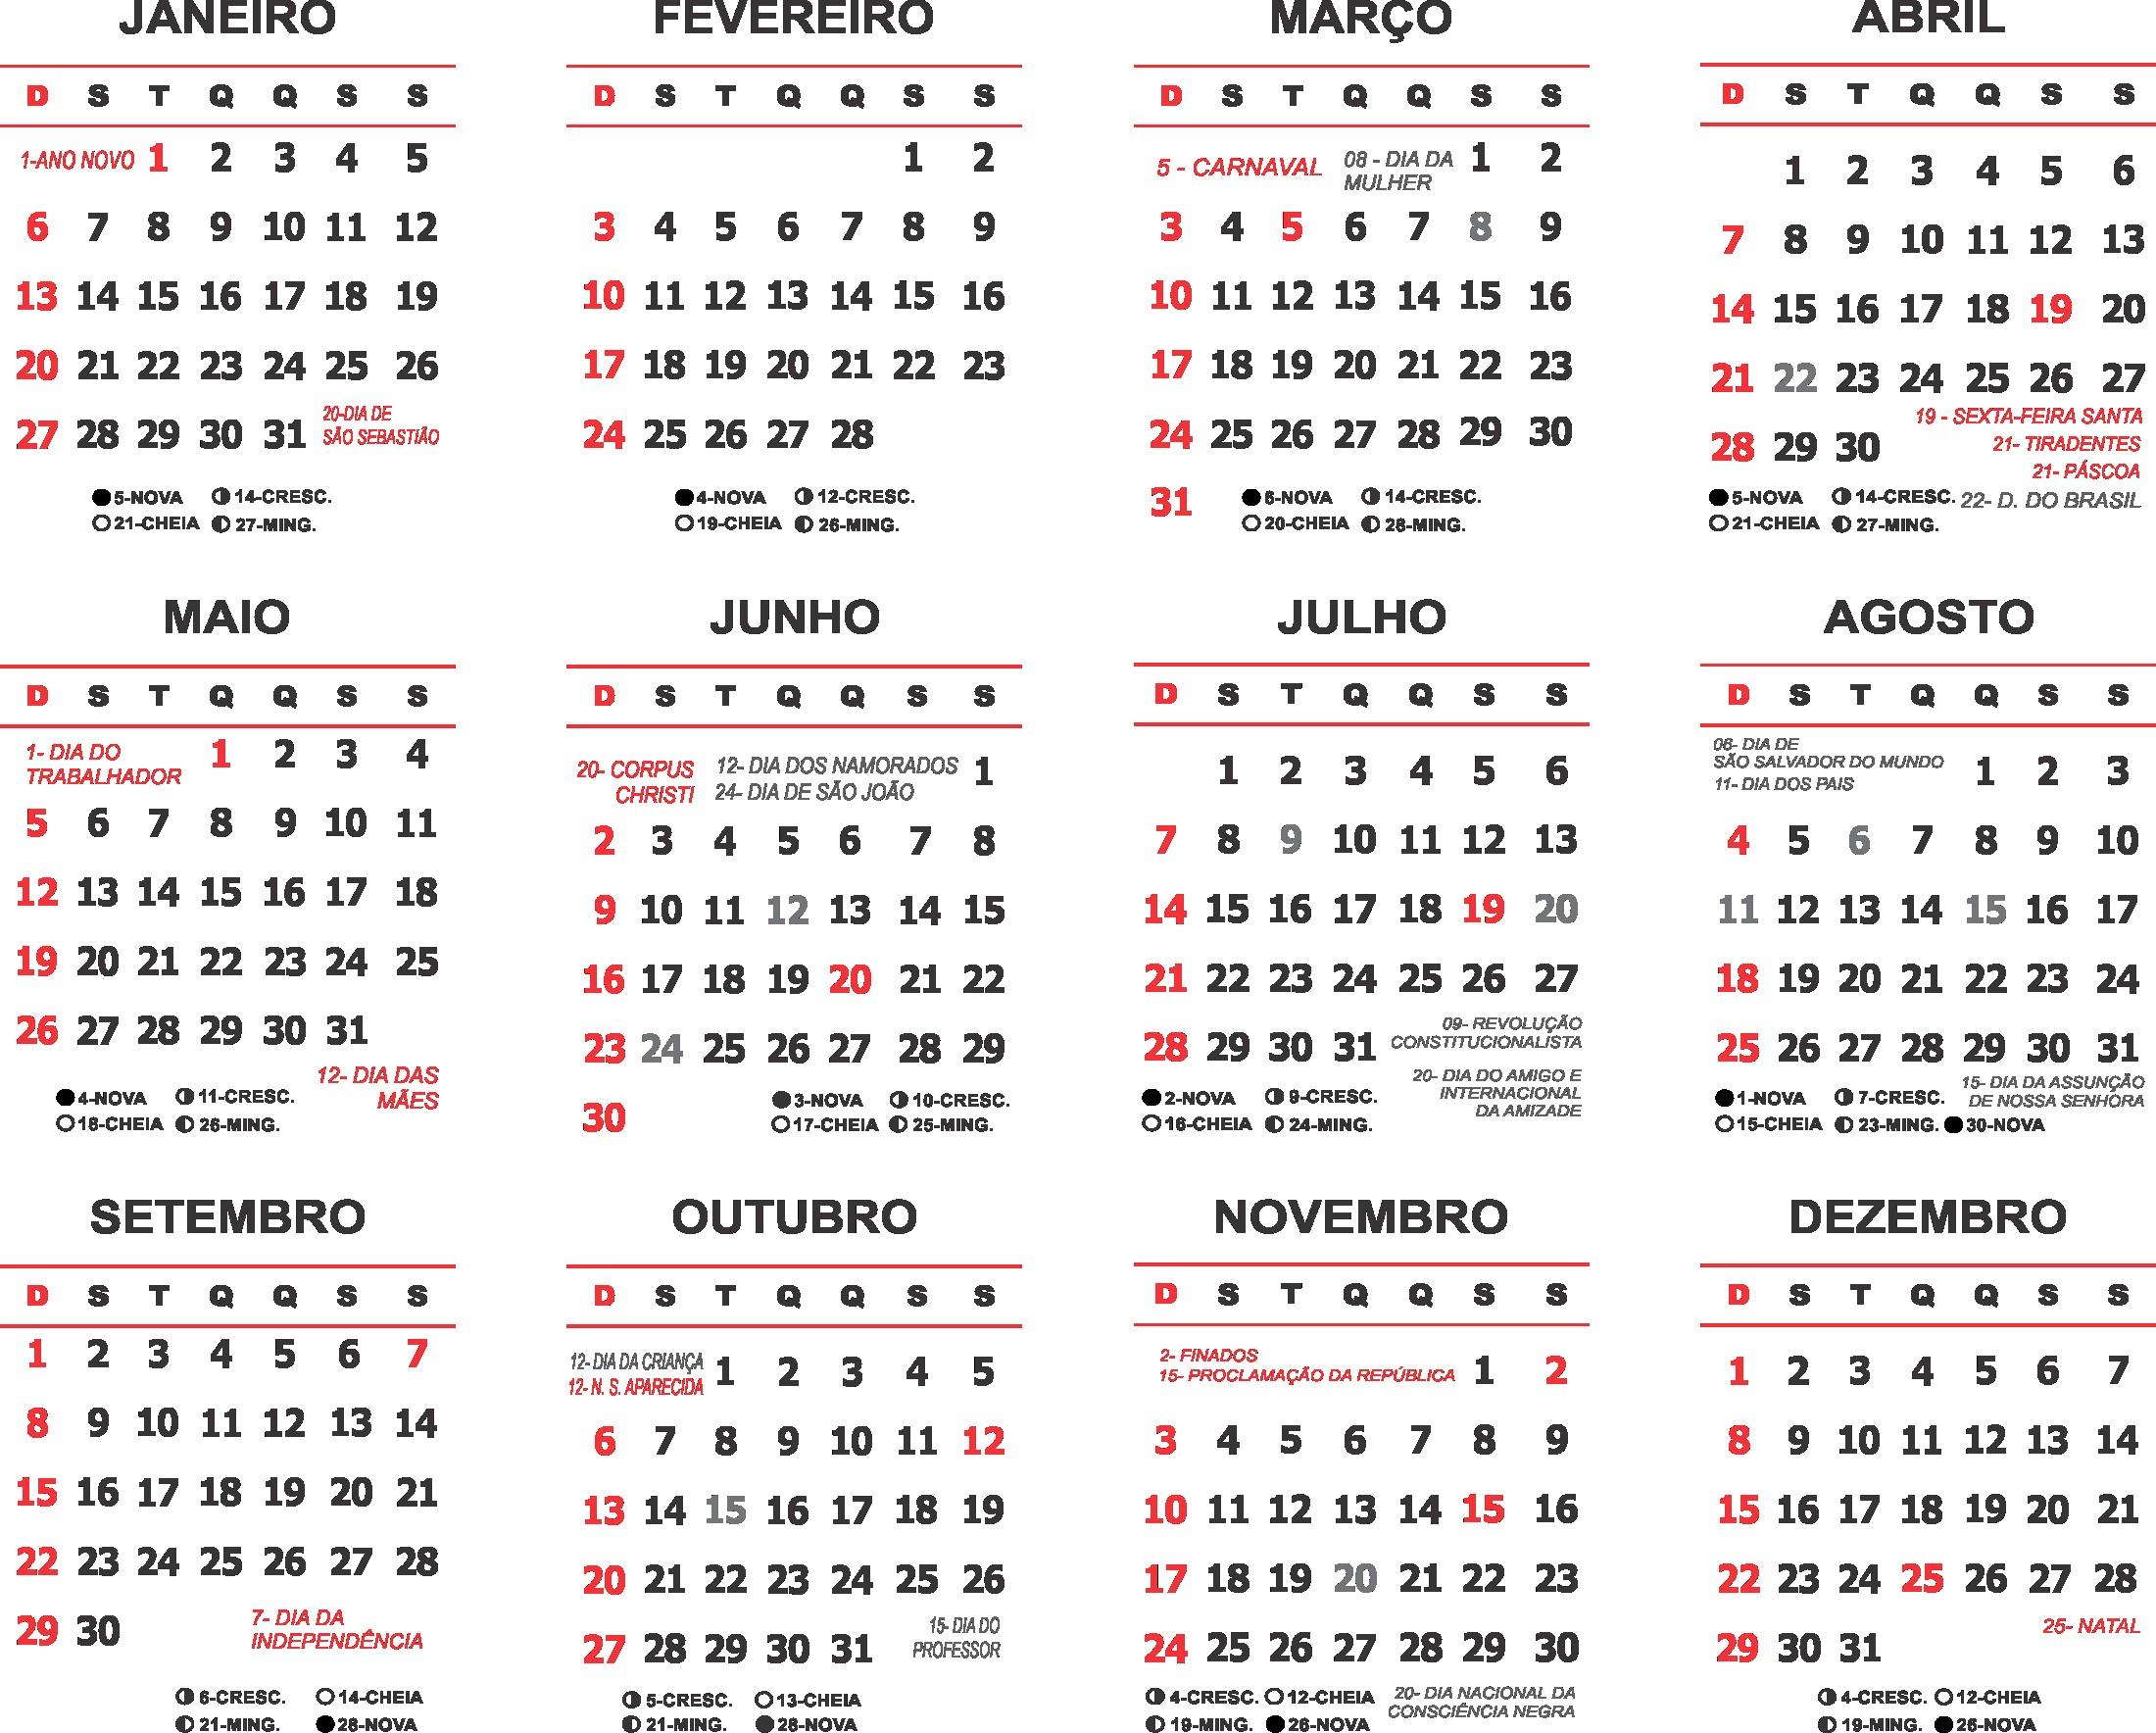 Calendario Michel Zbinden.Calendarios Michel Zbinden Septiembre 2019 Calendarios Agosto 2018